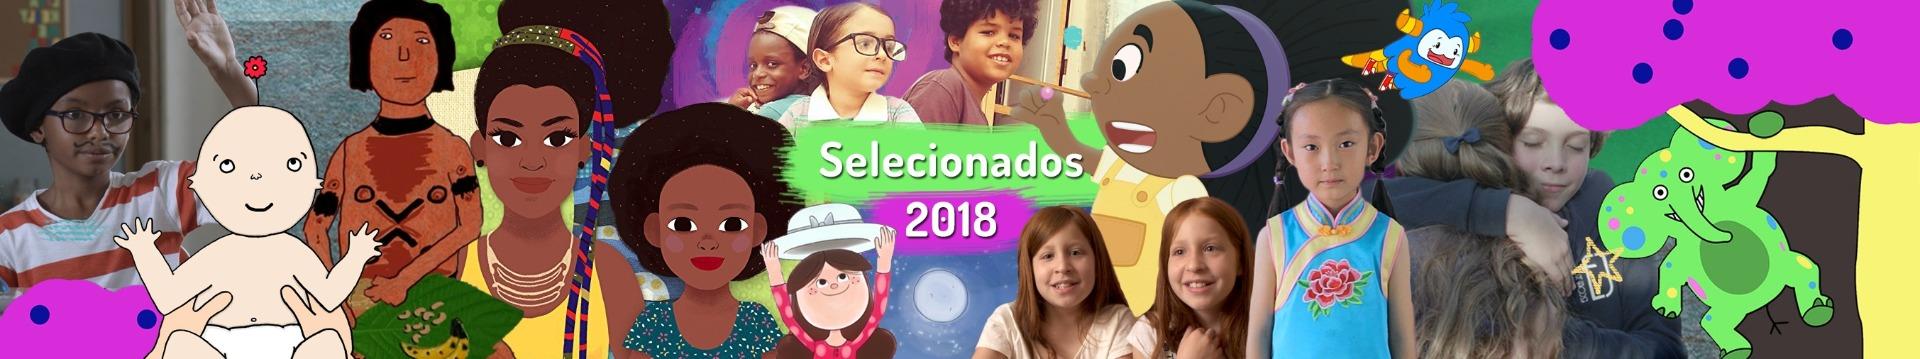 selecionados-2018-ok